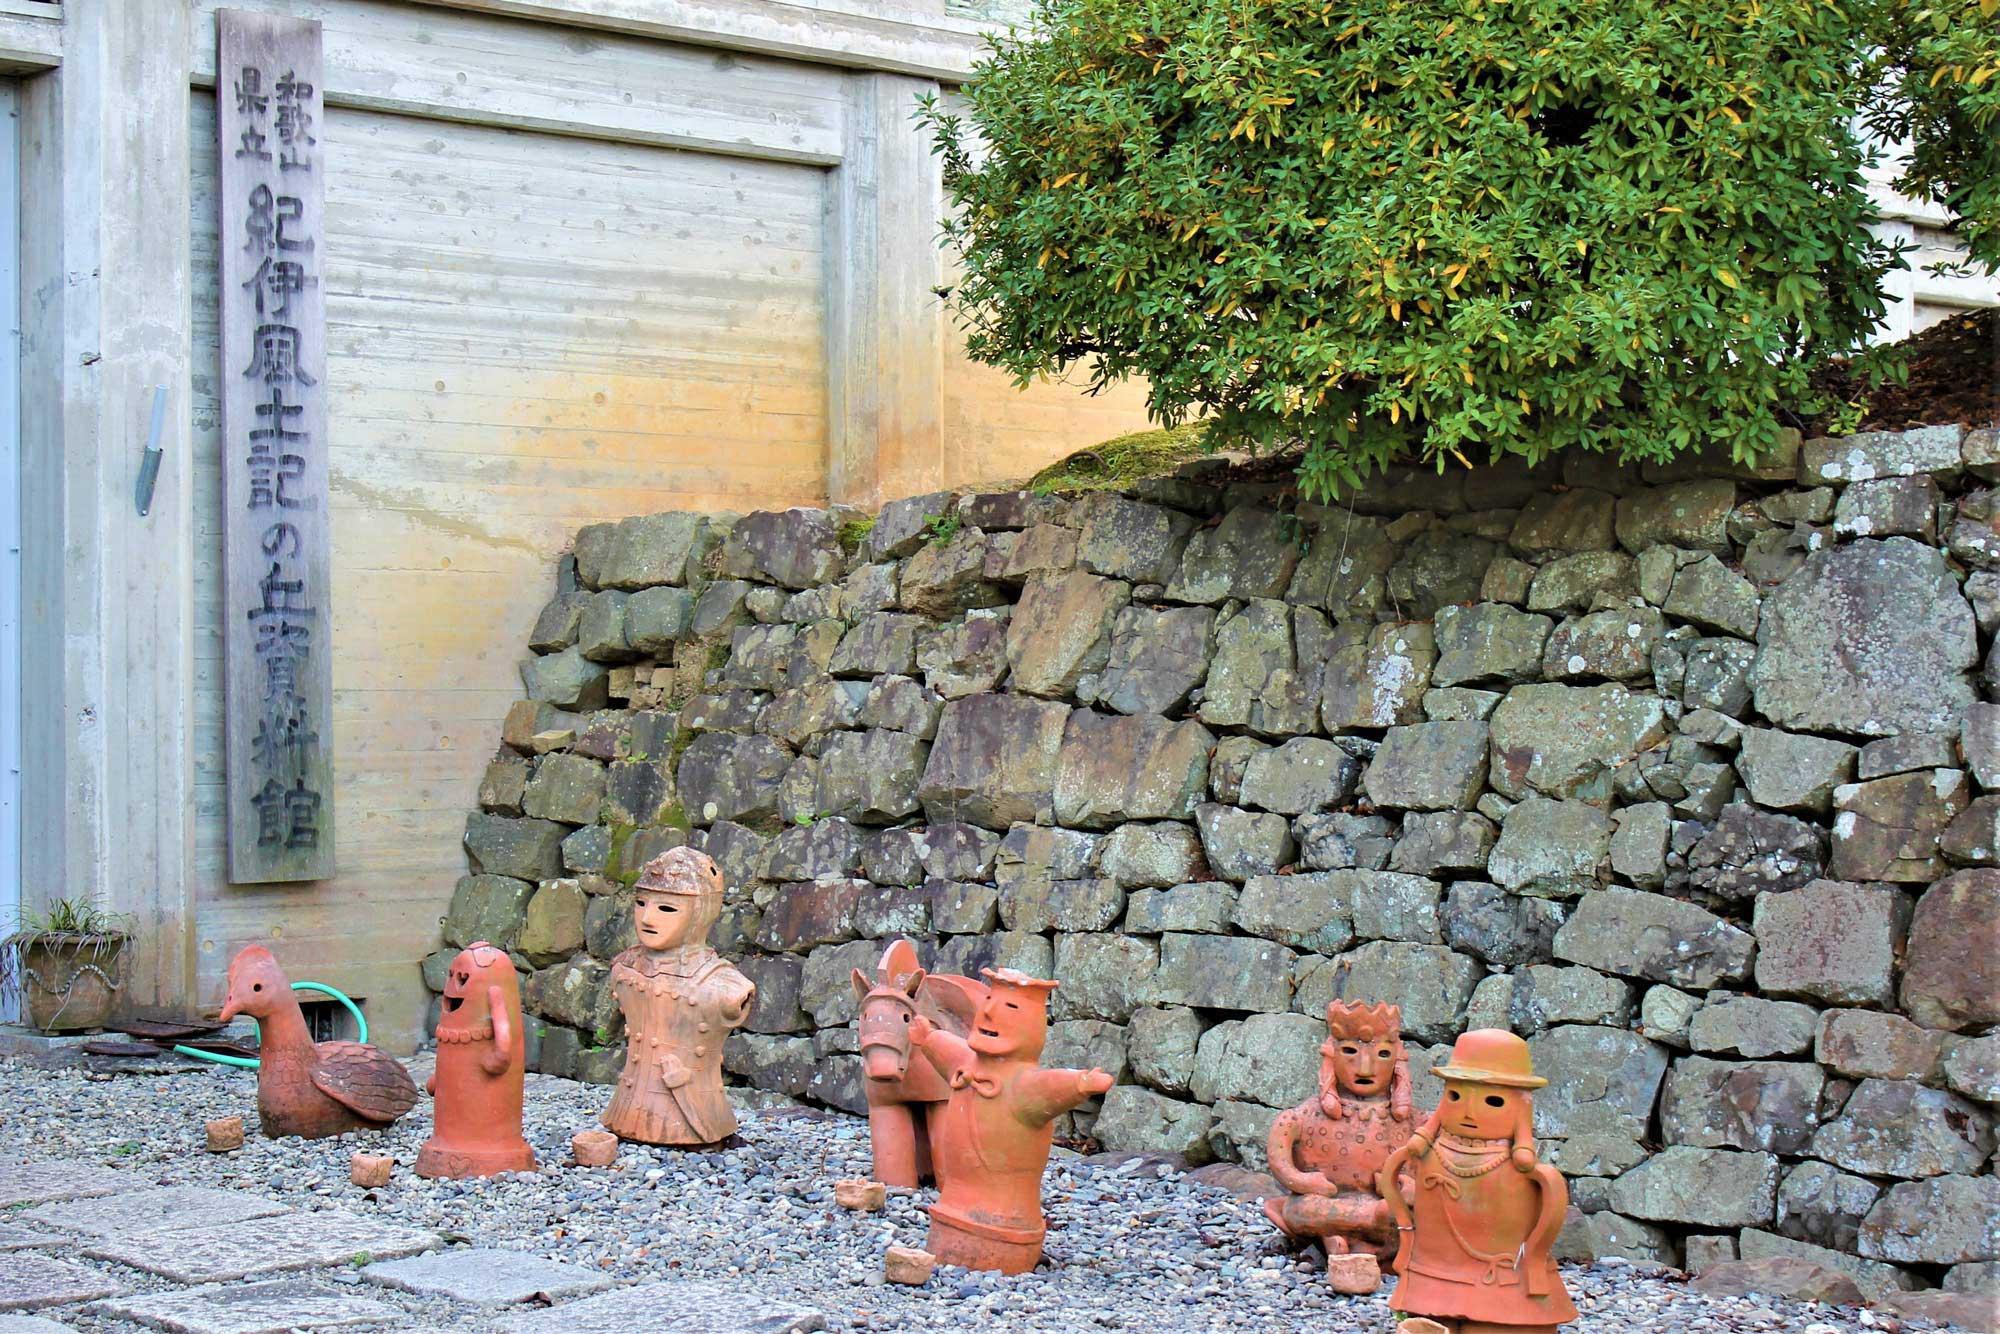 KIIFUDOKI NO OKA MUSEUMの写真